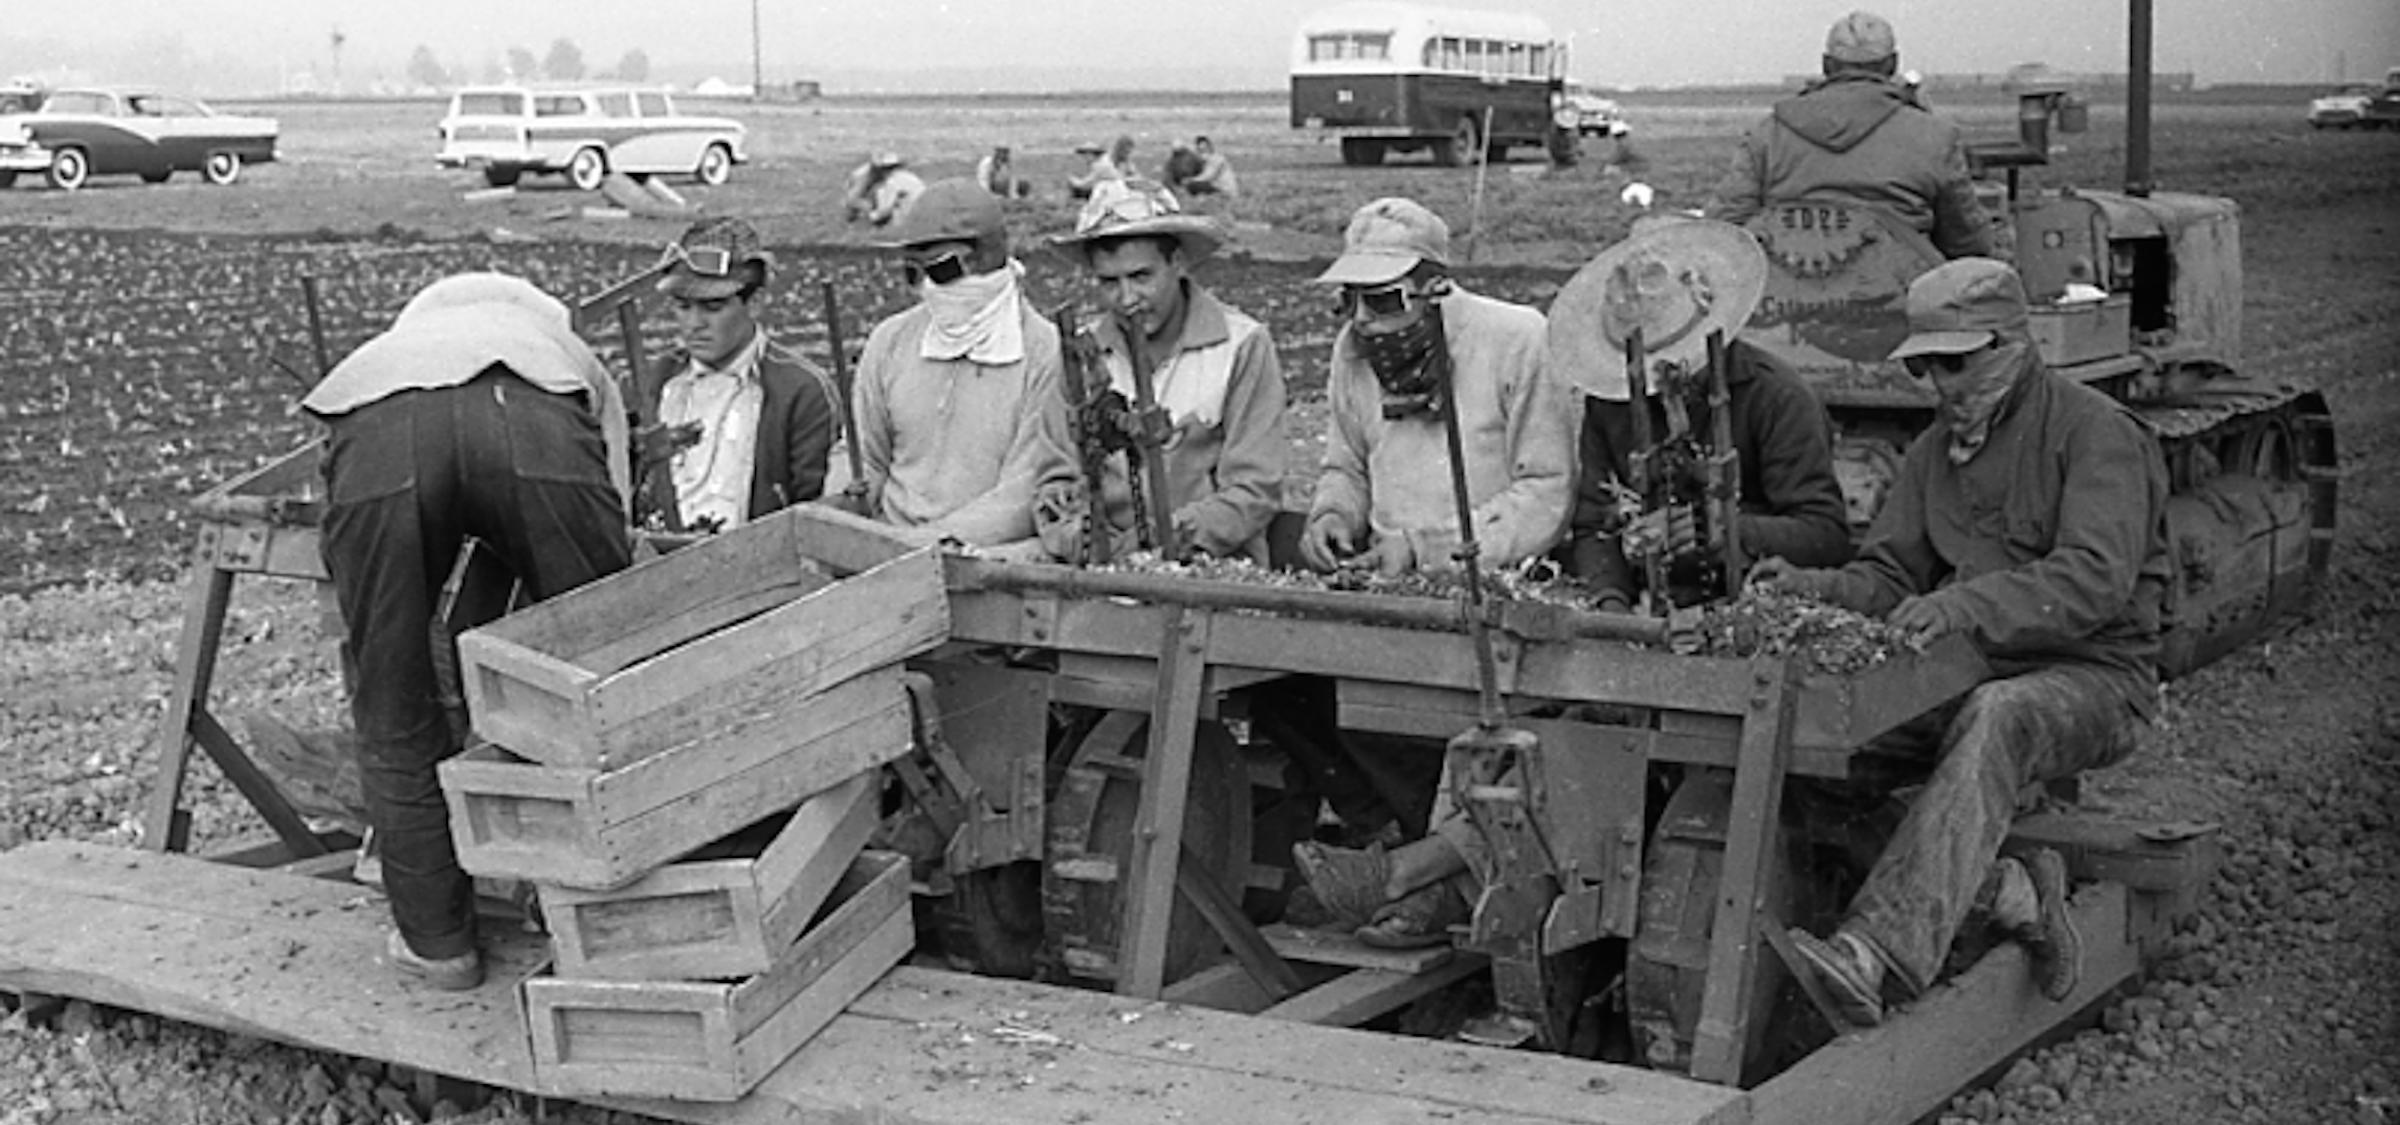 1958, Salinas Valley, California. Planting lettuce.